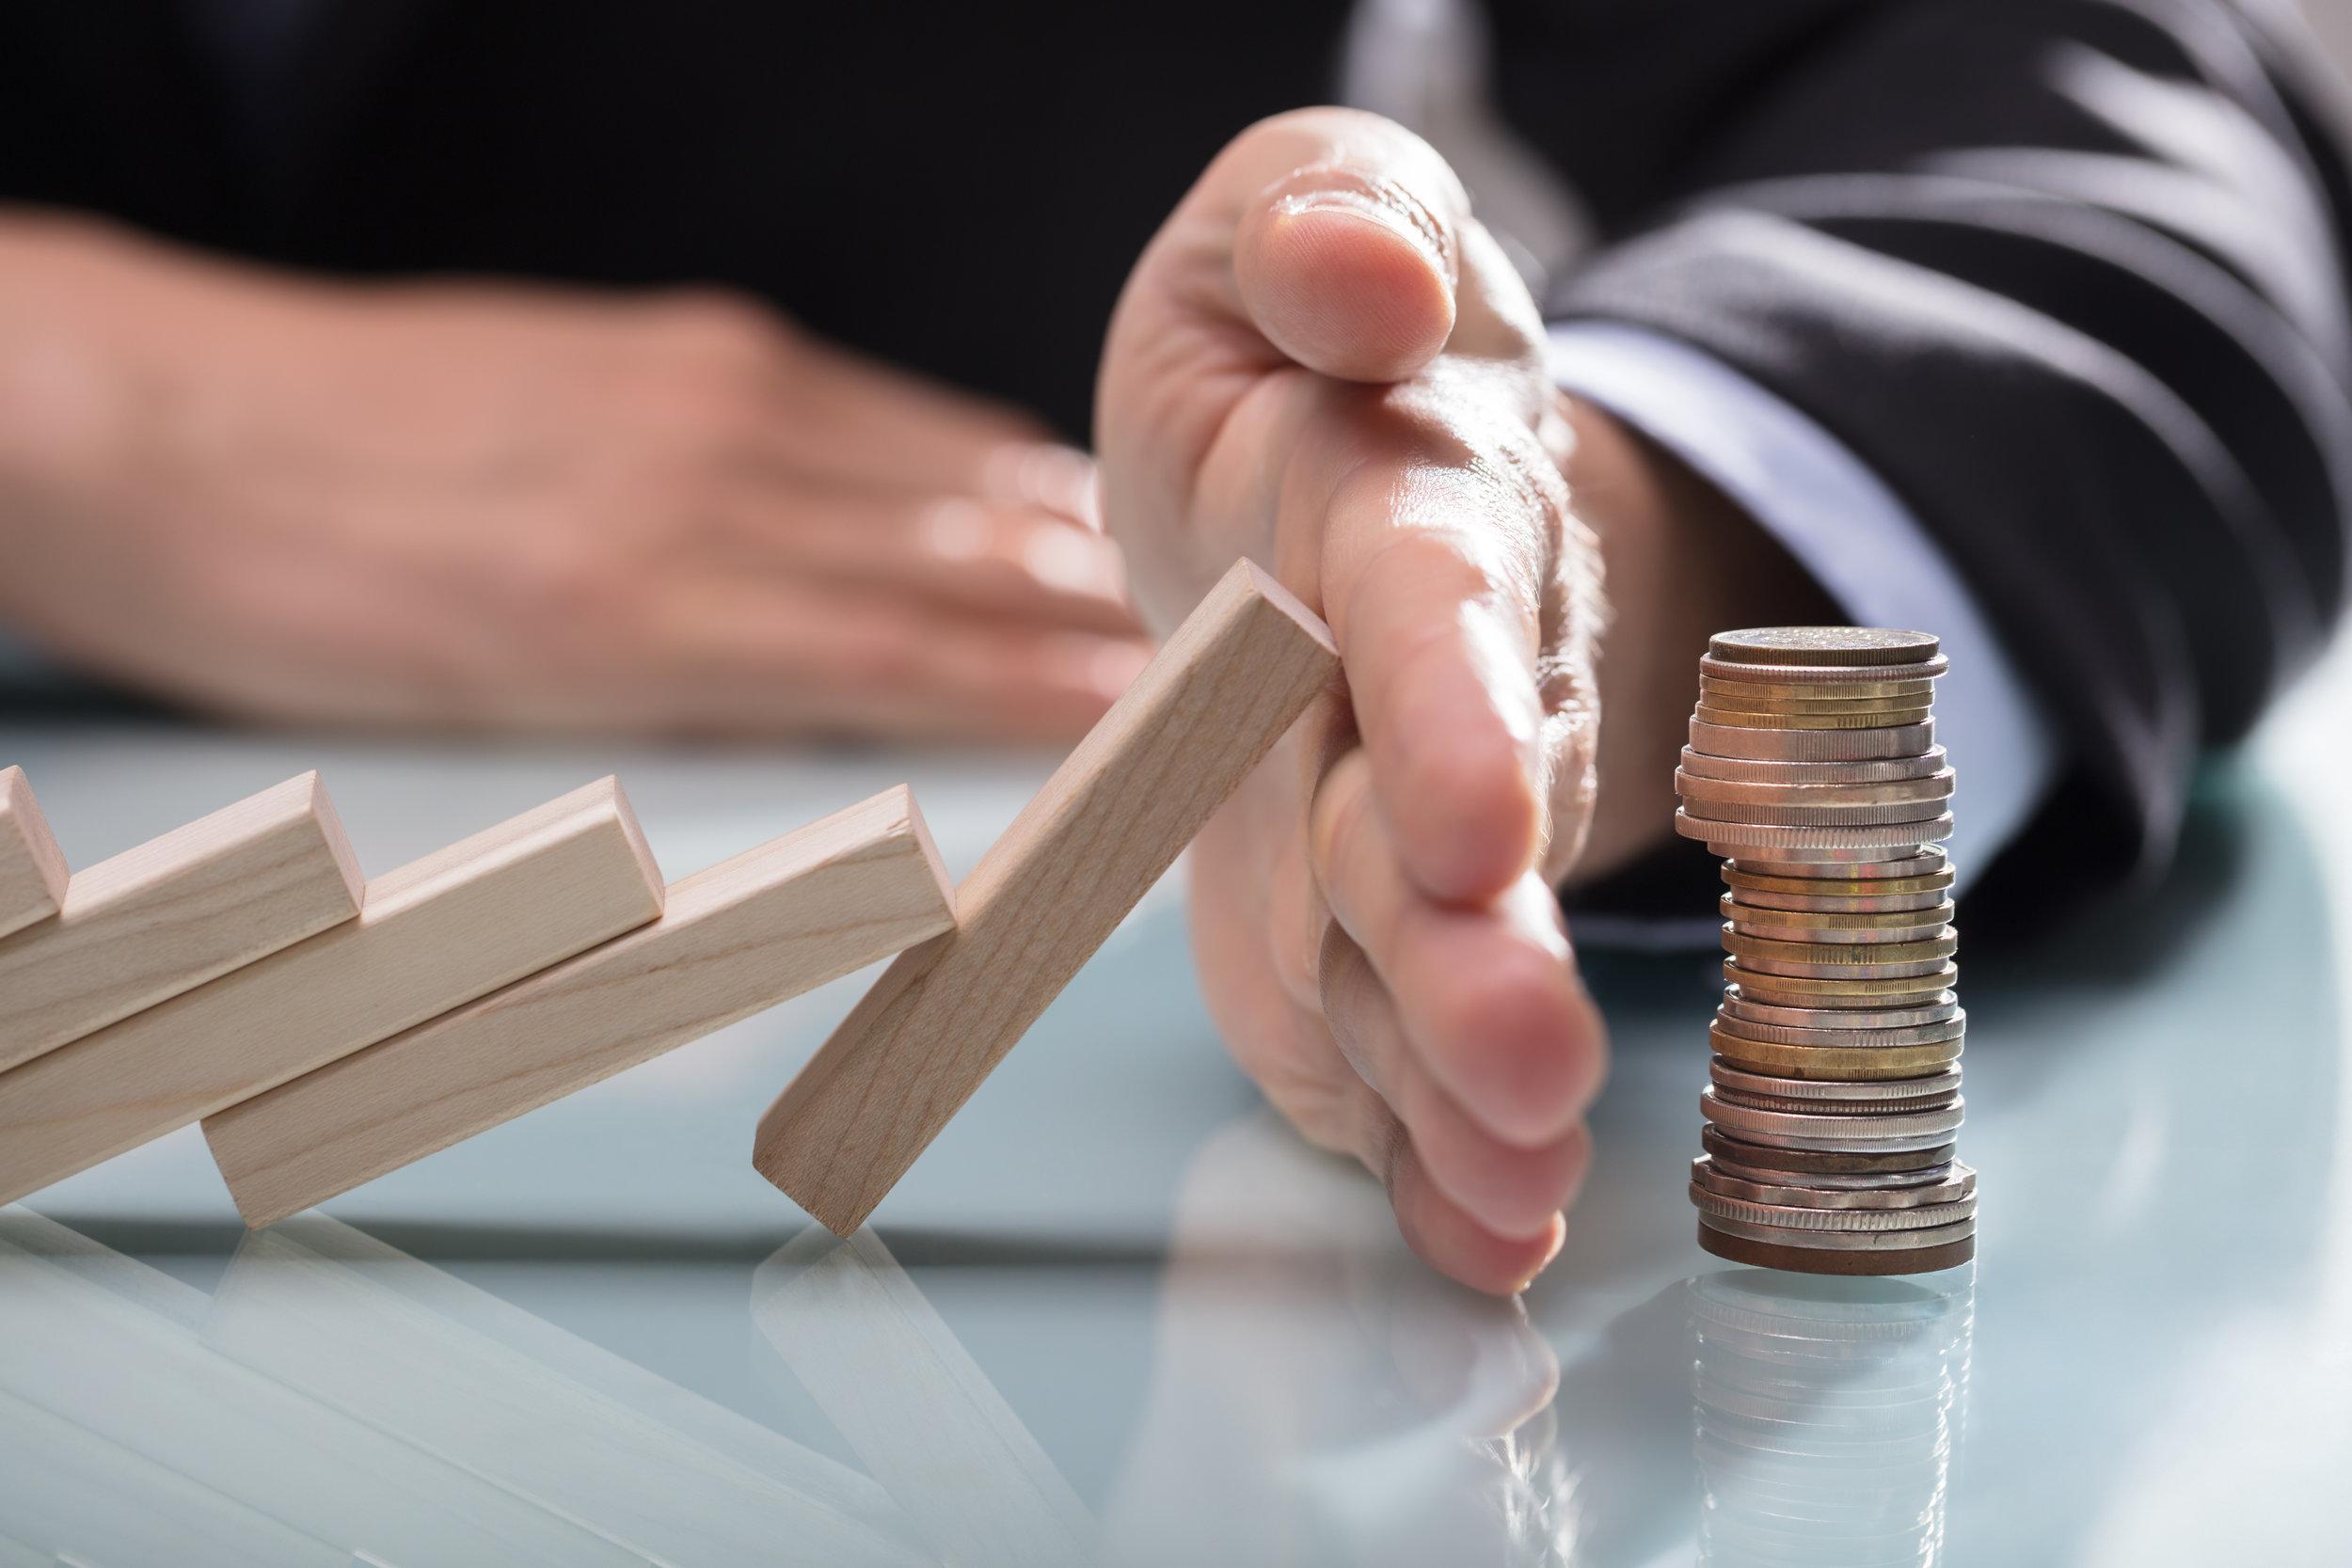 Unternehmens-Sicherung: moderner Unternehmen-Check anhand einer Checkliste - Referent: Max F. Jahn